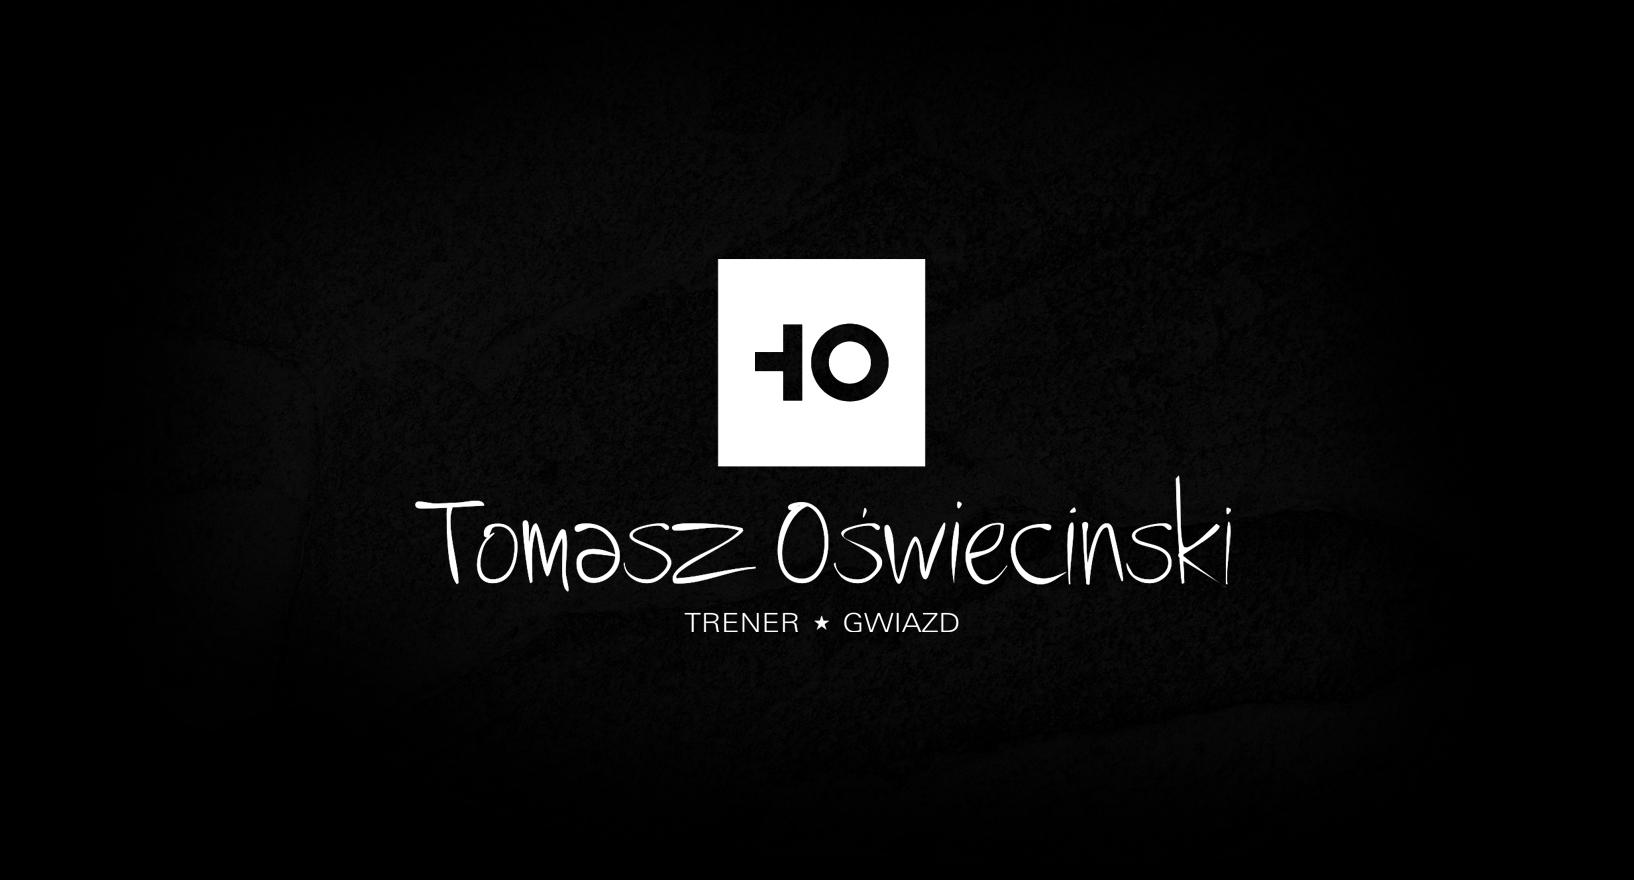 bzb-dla-trener-personalny-tomasz-oswiecinski_logo